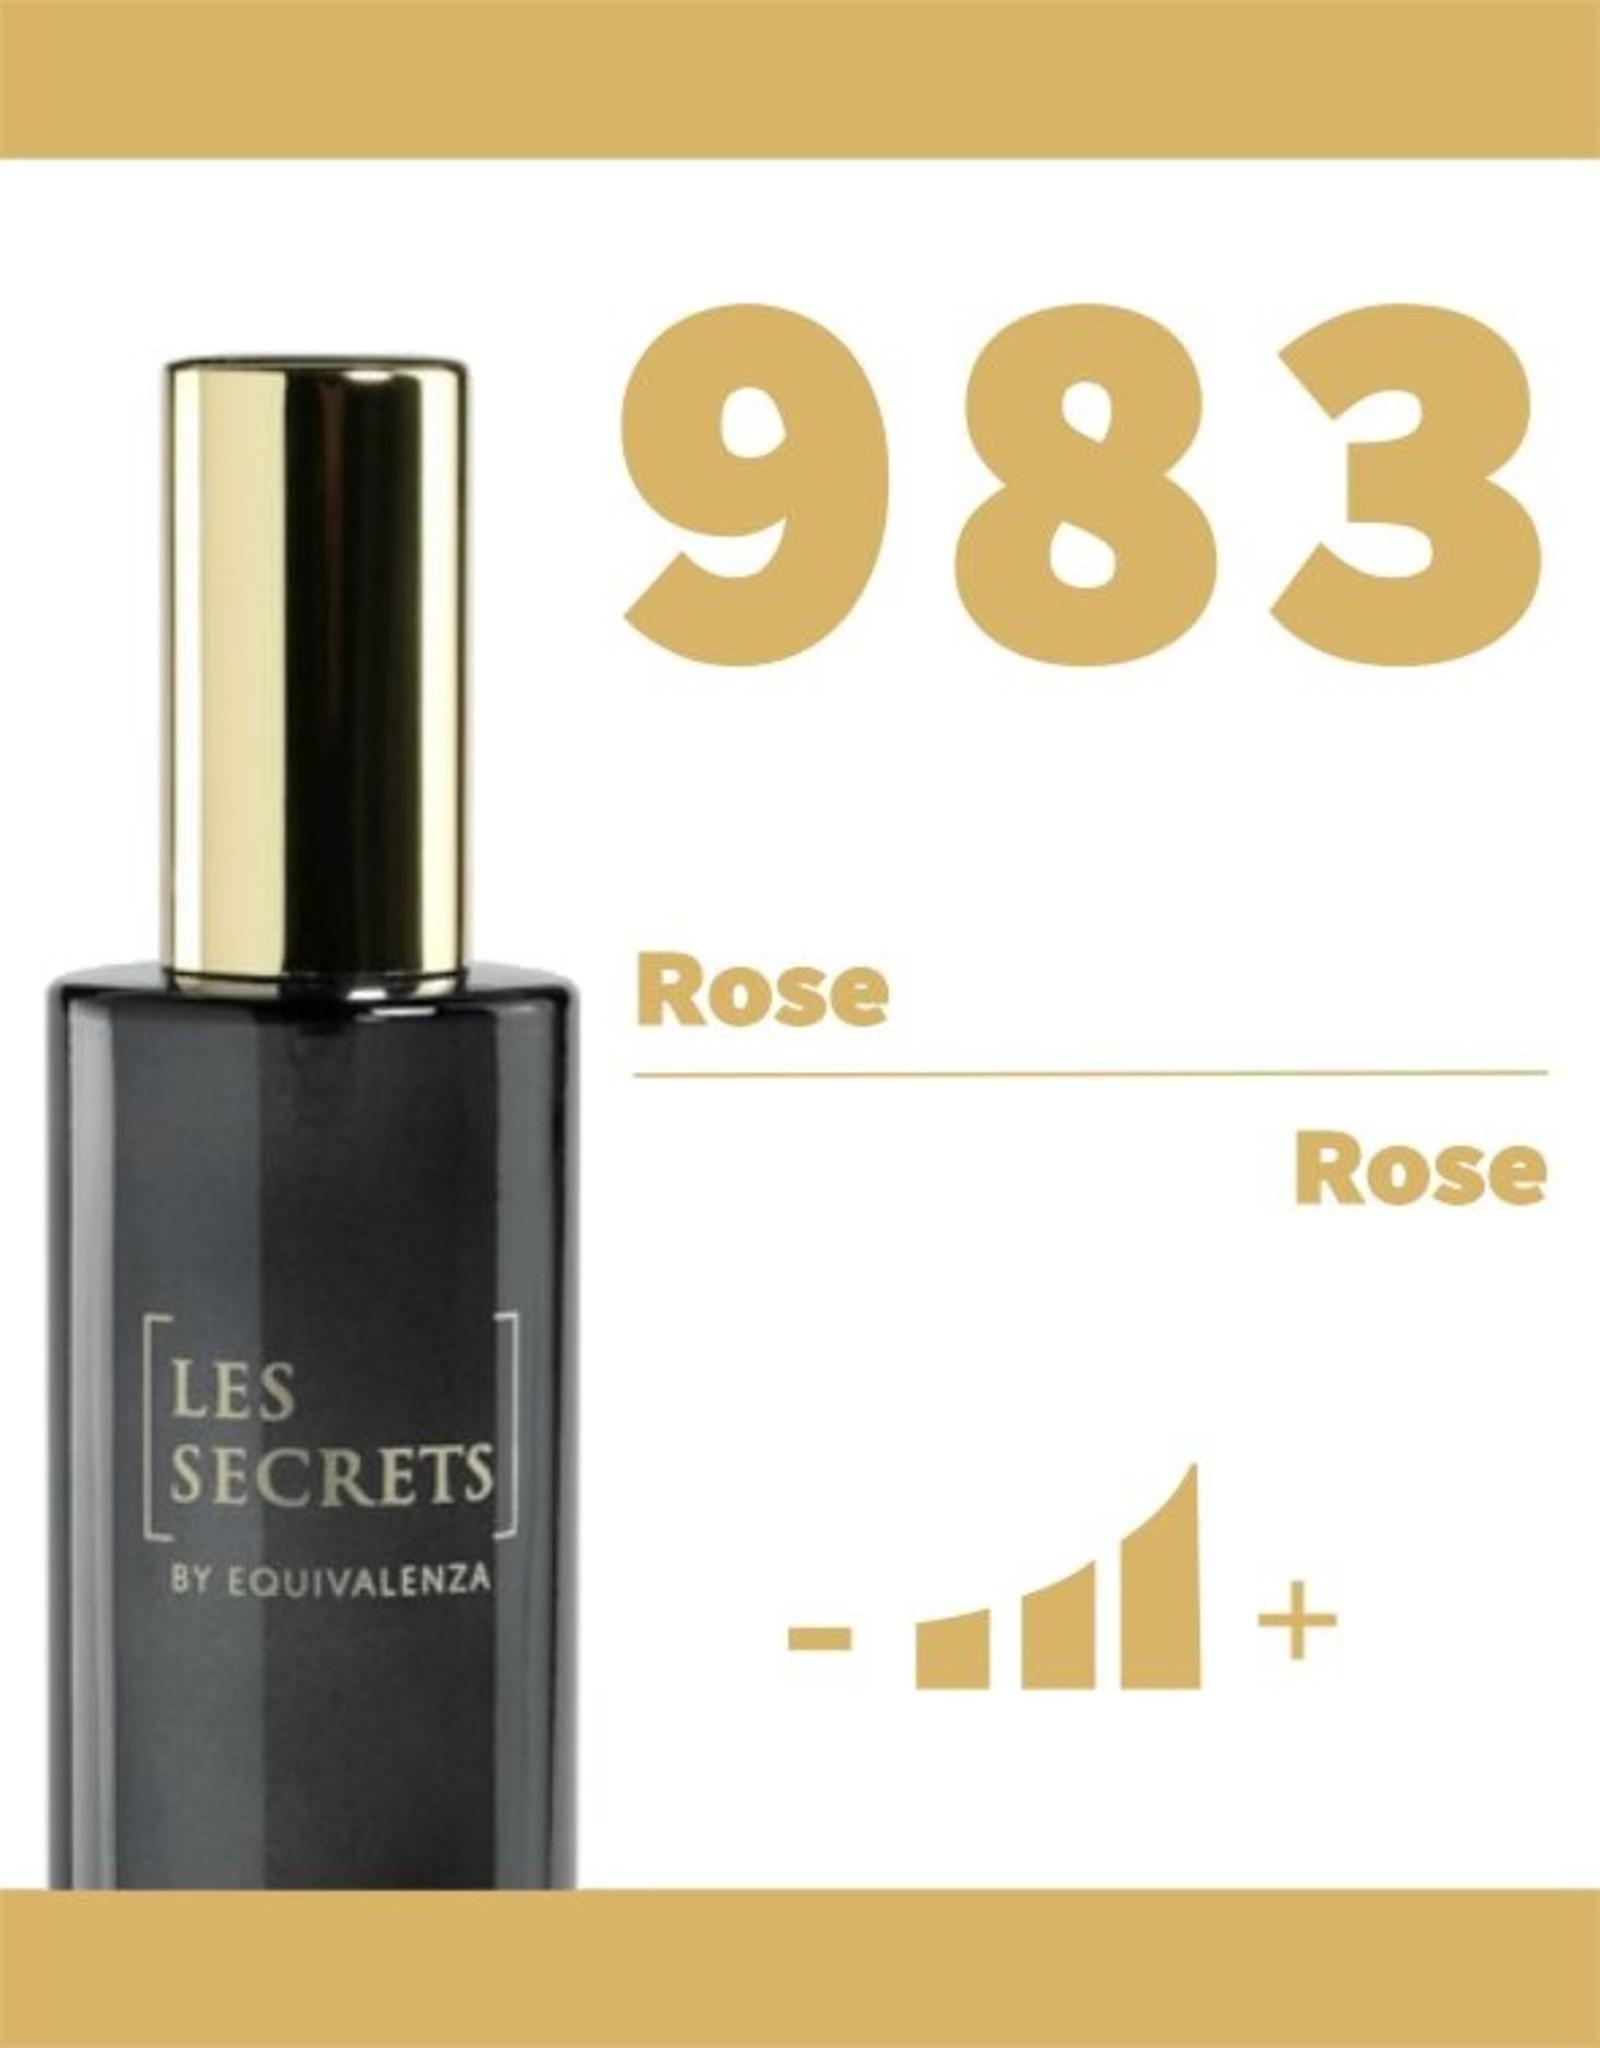 Equivalenza Eau de Parfum Rose